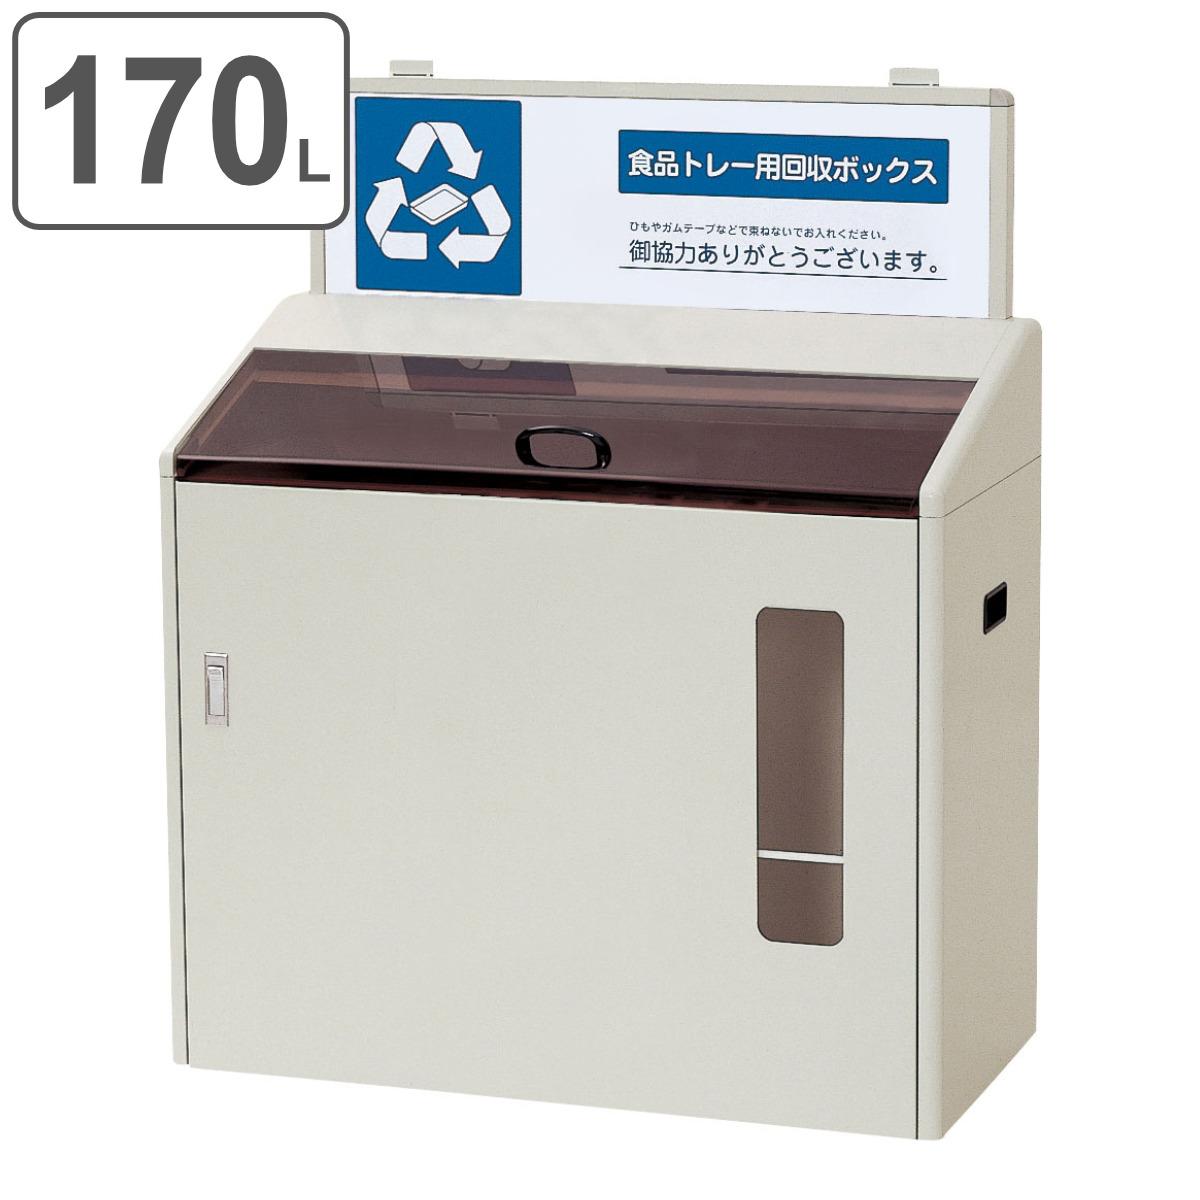 ゴミ箱 分別回収ボックス SGR-170 送料無料